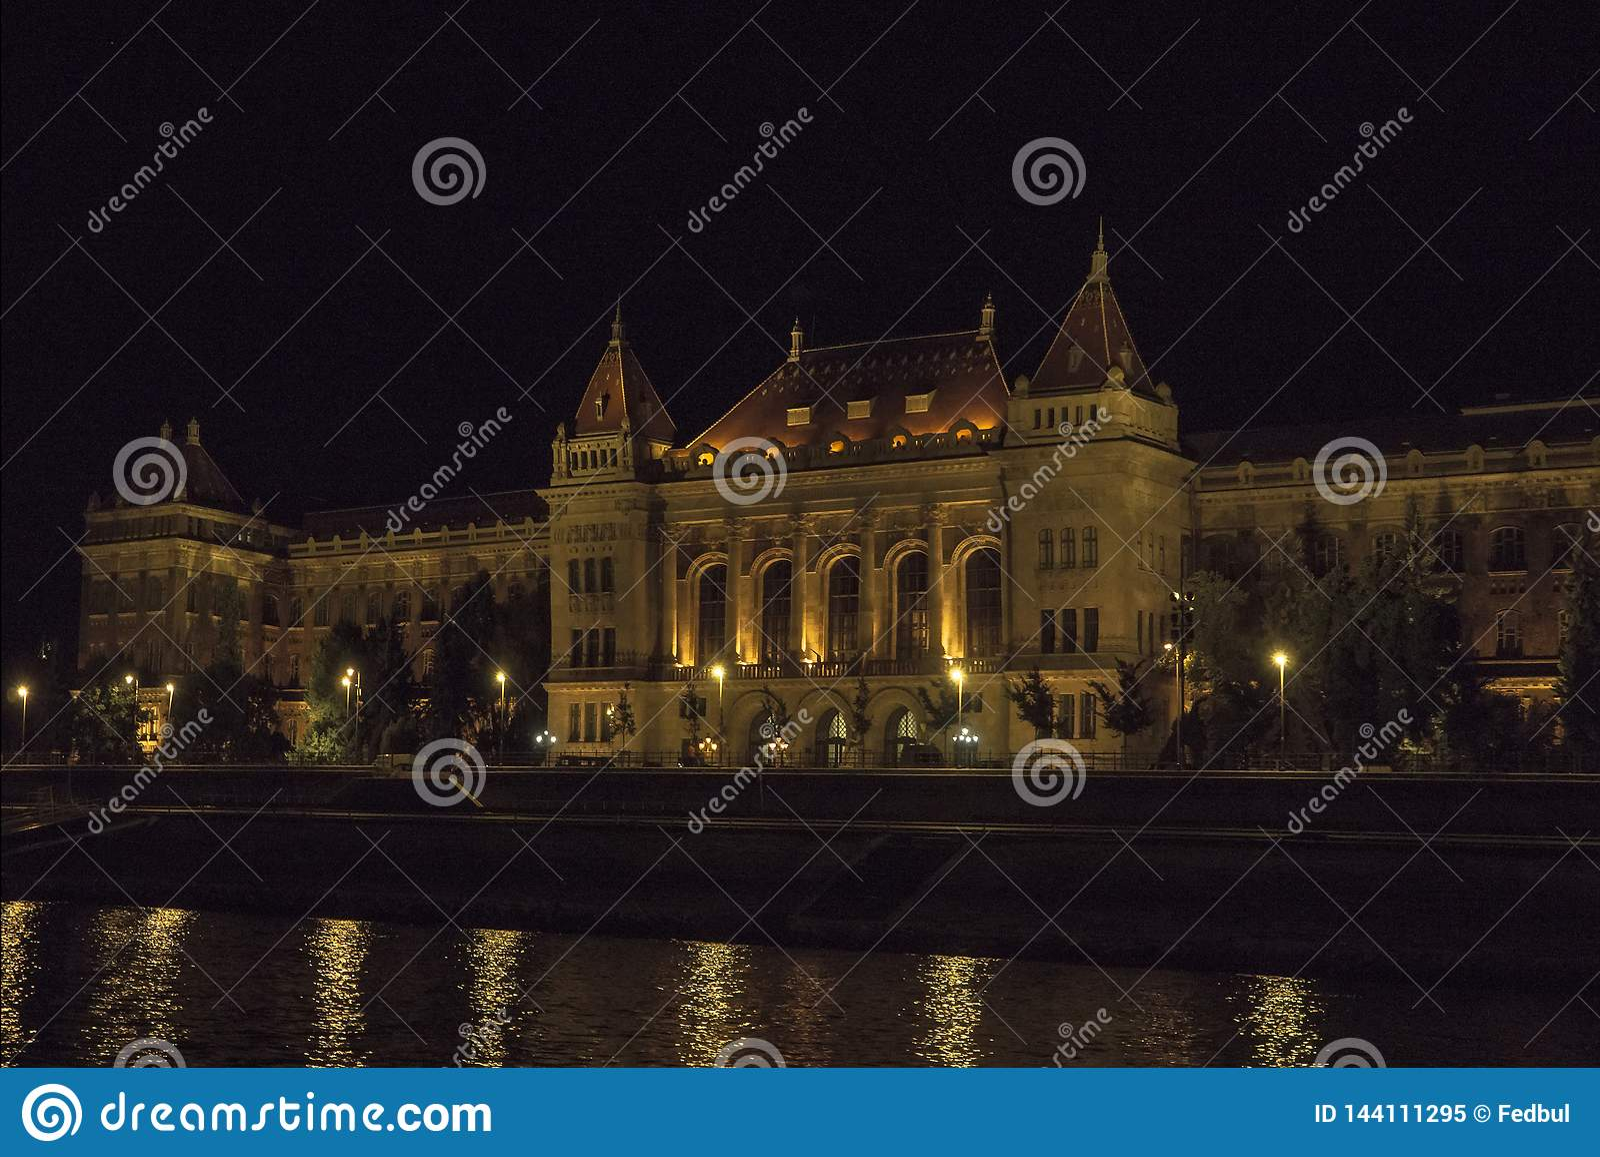 Το τεχνικό πανεπιστημιακό Muszaki Egyetem στη νύχτα Βουδαπέστη Ουγγαρία